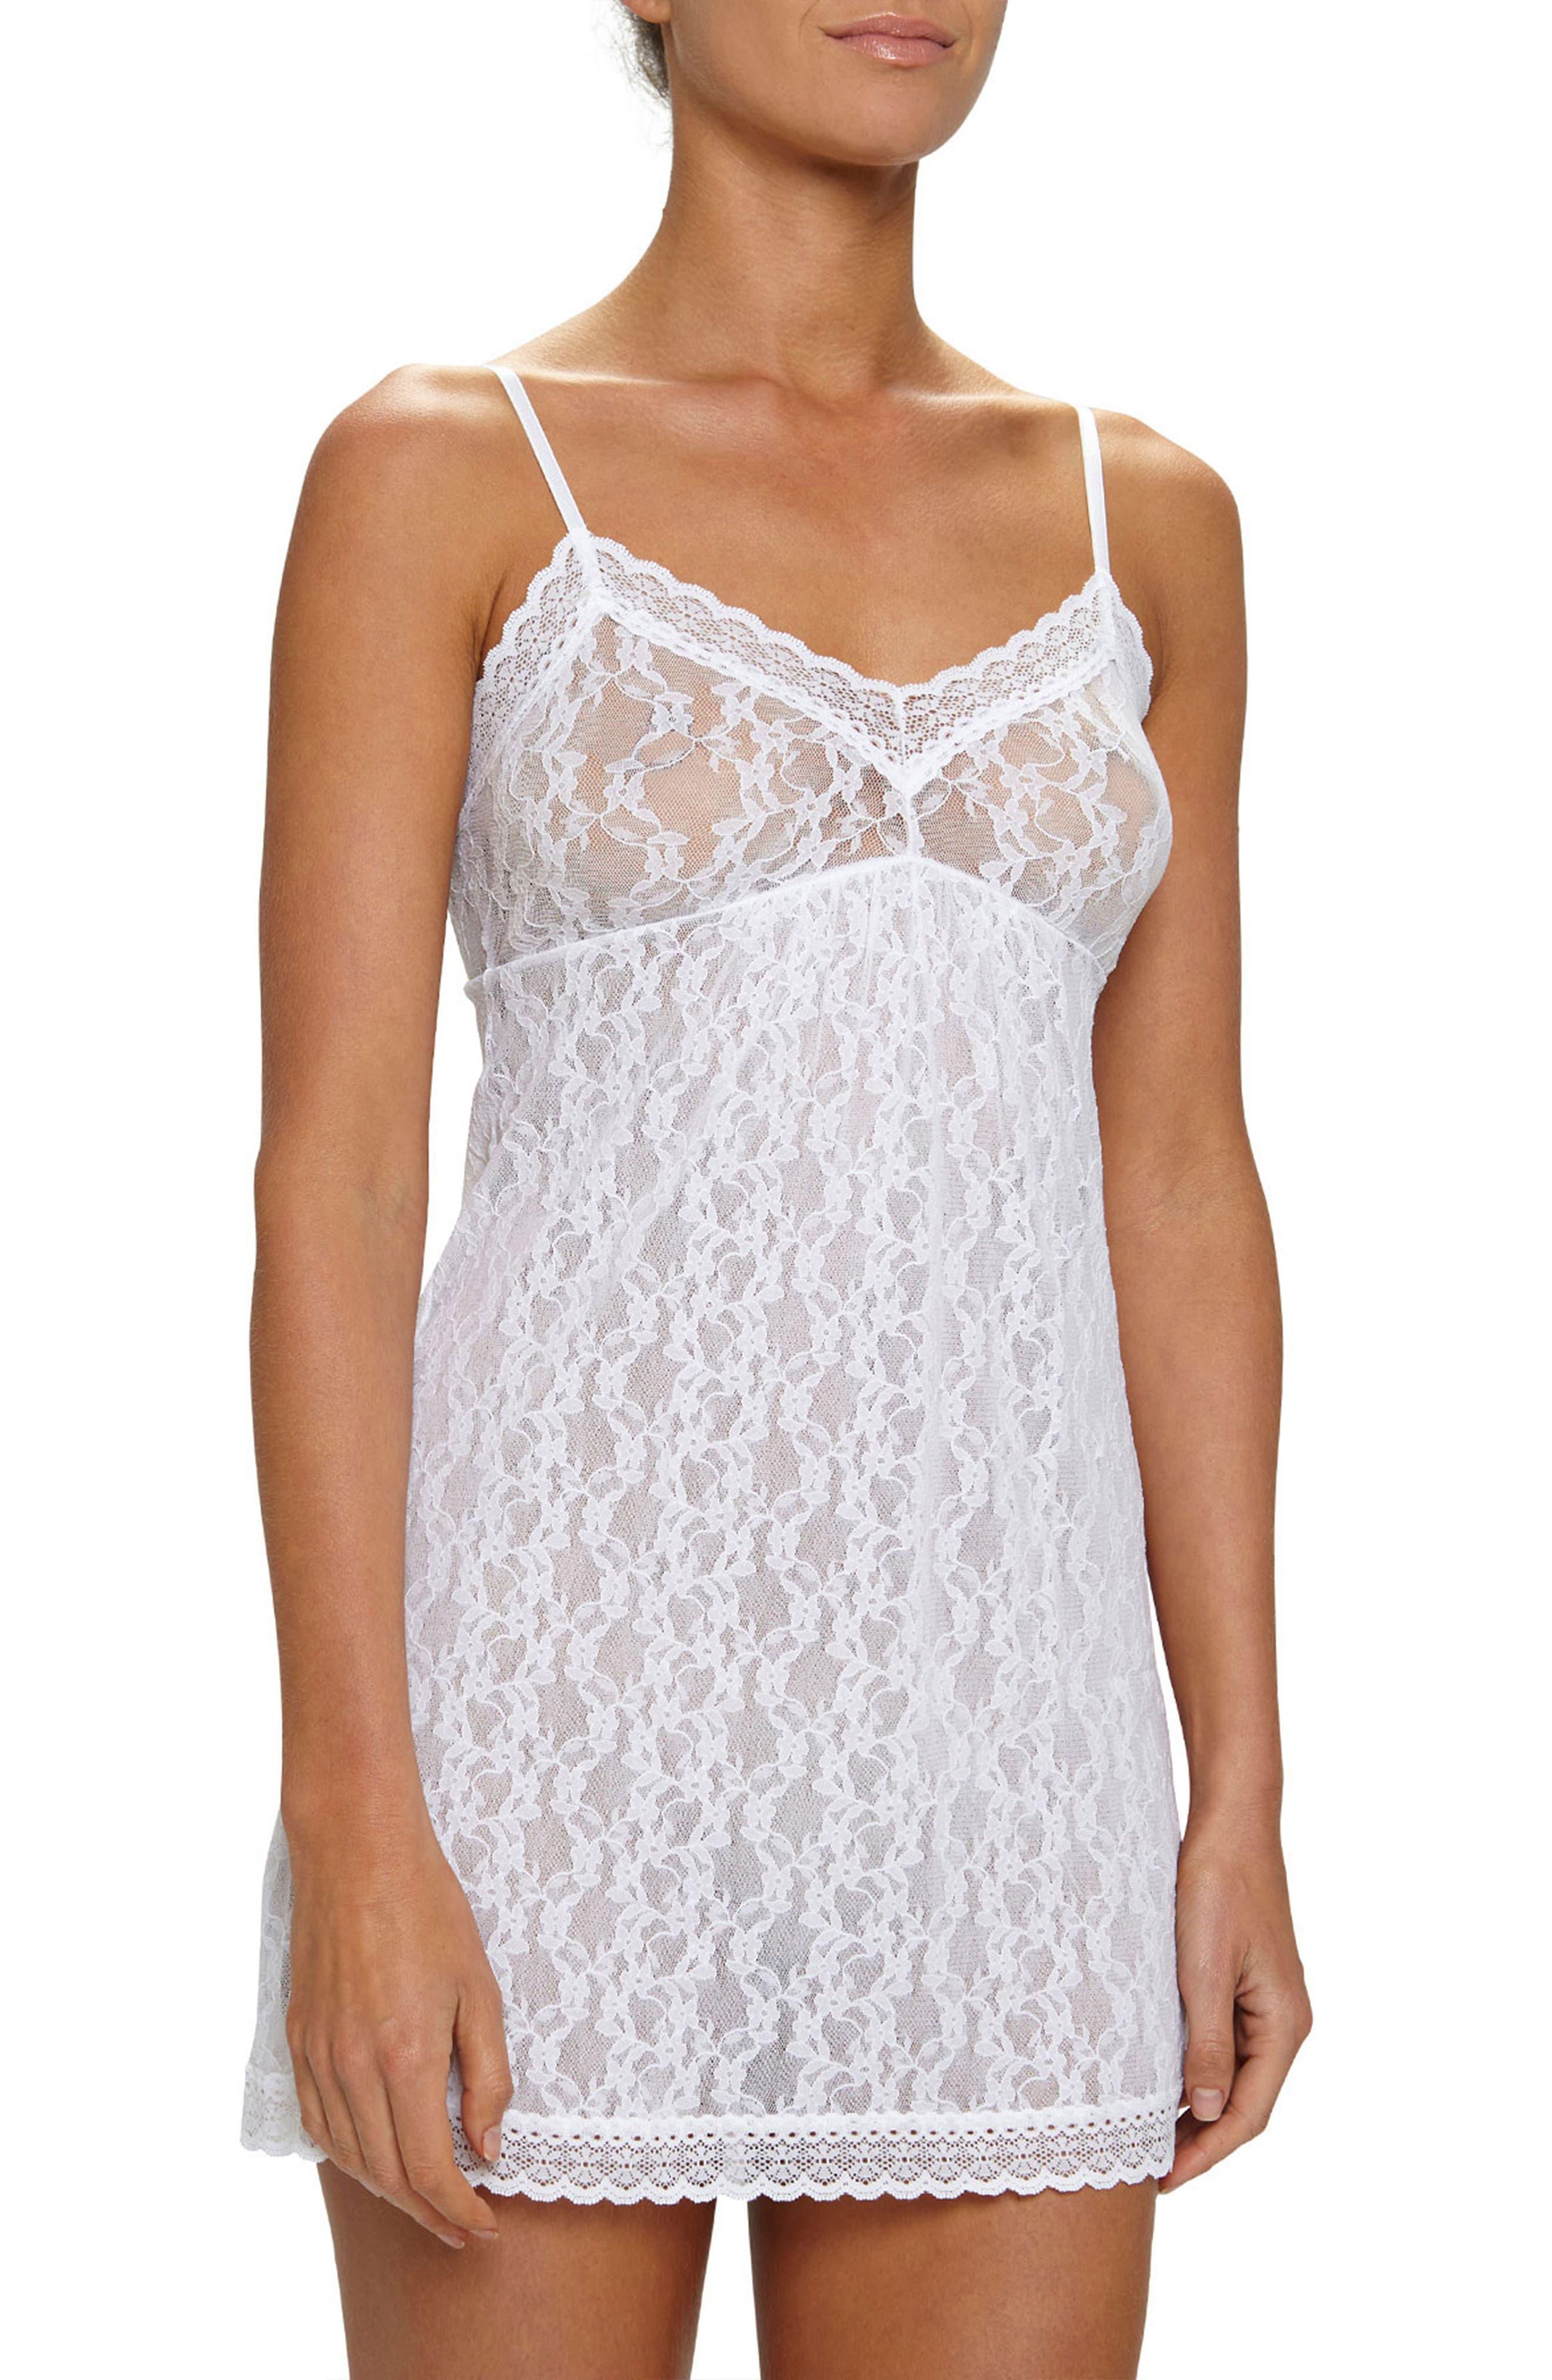 Eberjey Women s Lingerie   Sleepwear  5263fb2fe